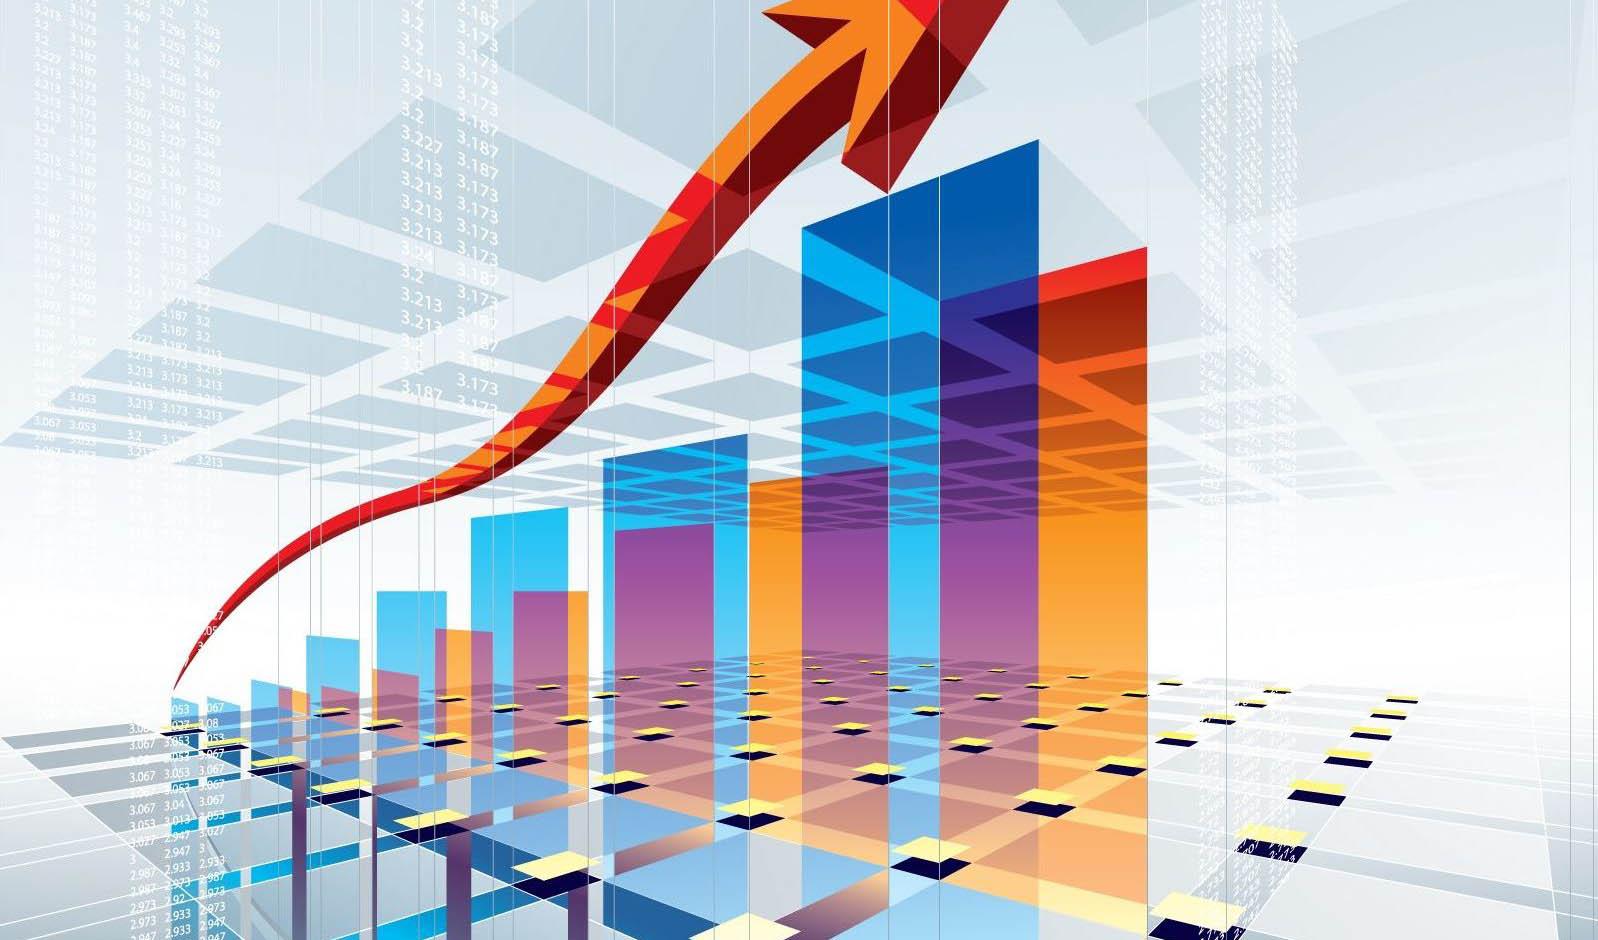 تشریح دلایل مثبت شدن رشد اقتصادی از سوی بانک مرکزی